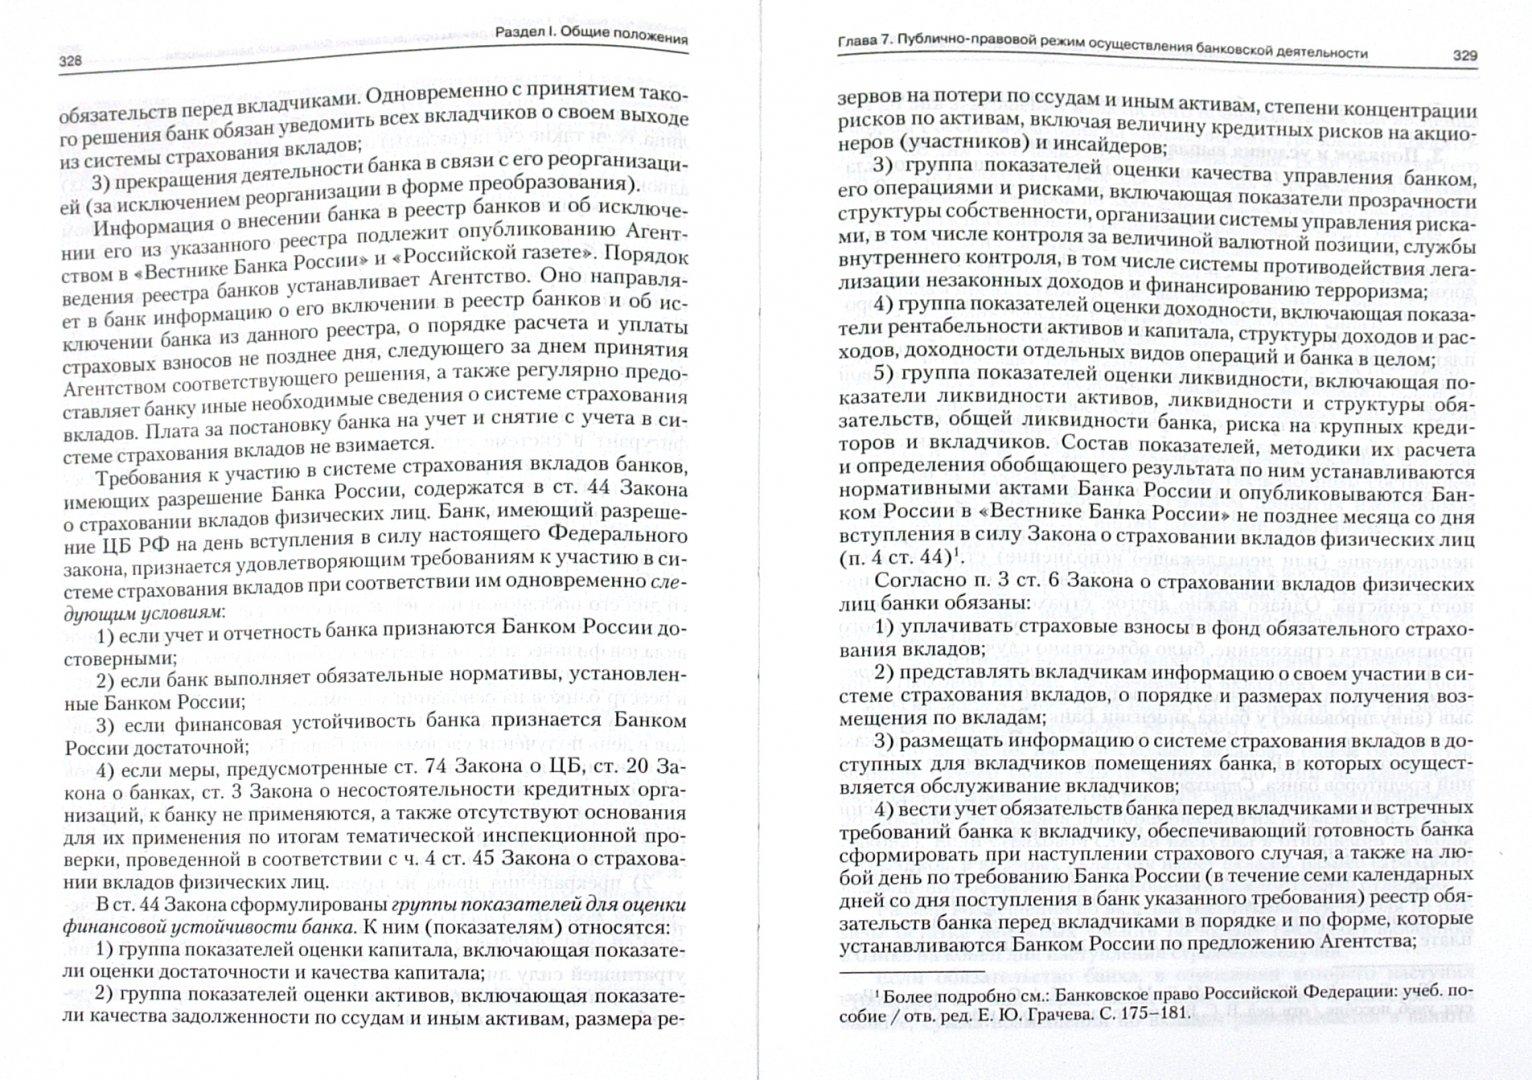 Иллюстрация 1 из 7 для Банковское право. Учебник для бакалавров - Белых, Виниченко, Гаврина   Лабиринт - книги. Источник: Лабиринт